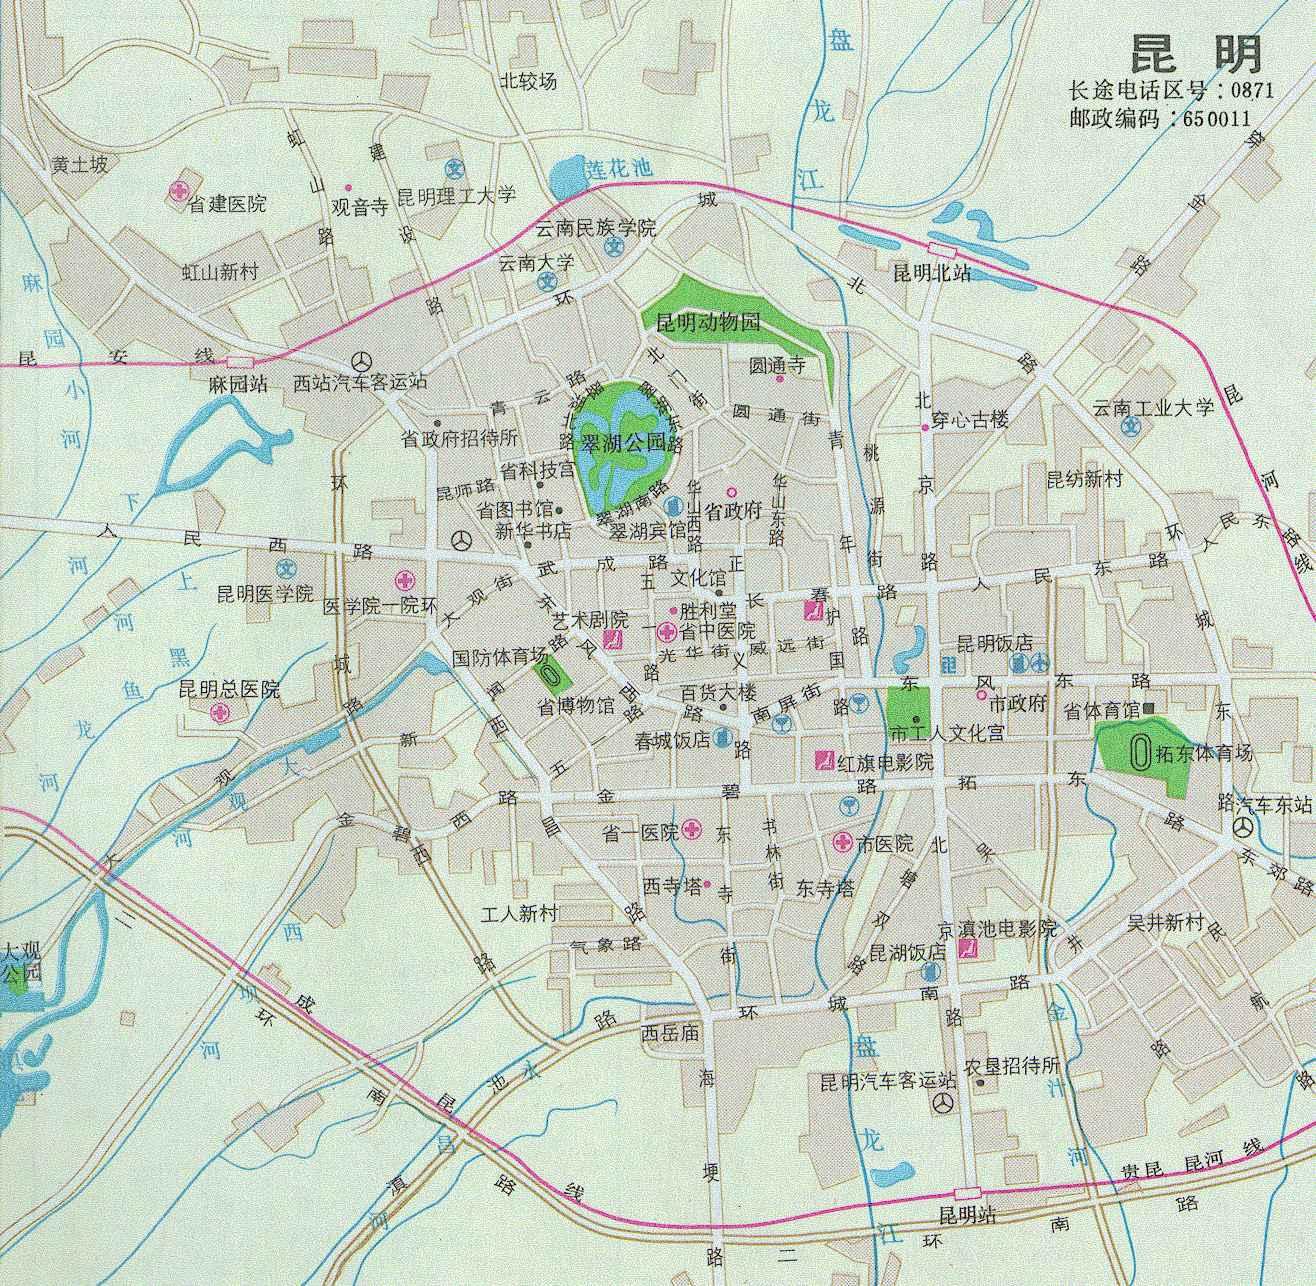 从北京到昆明的地图